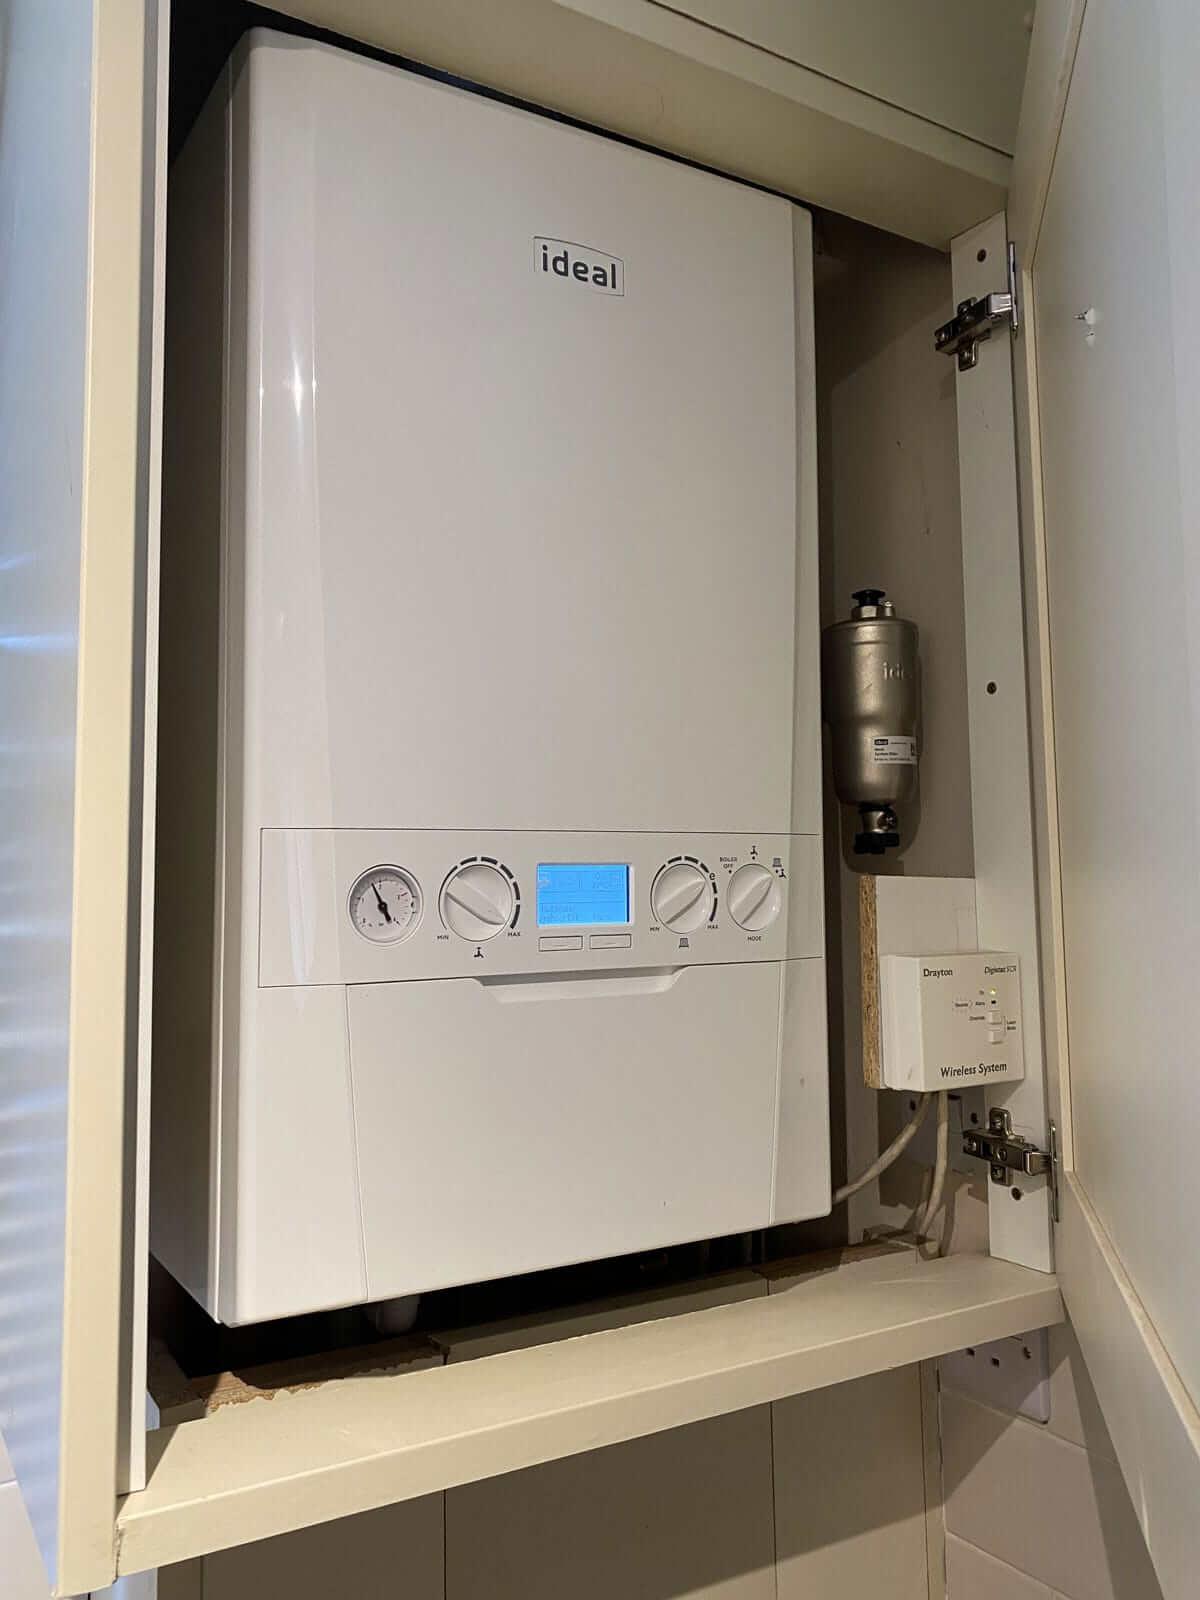 Homeowner Checking Boiler